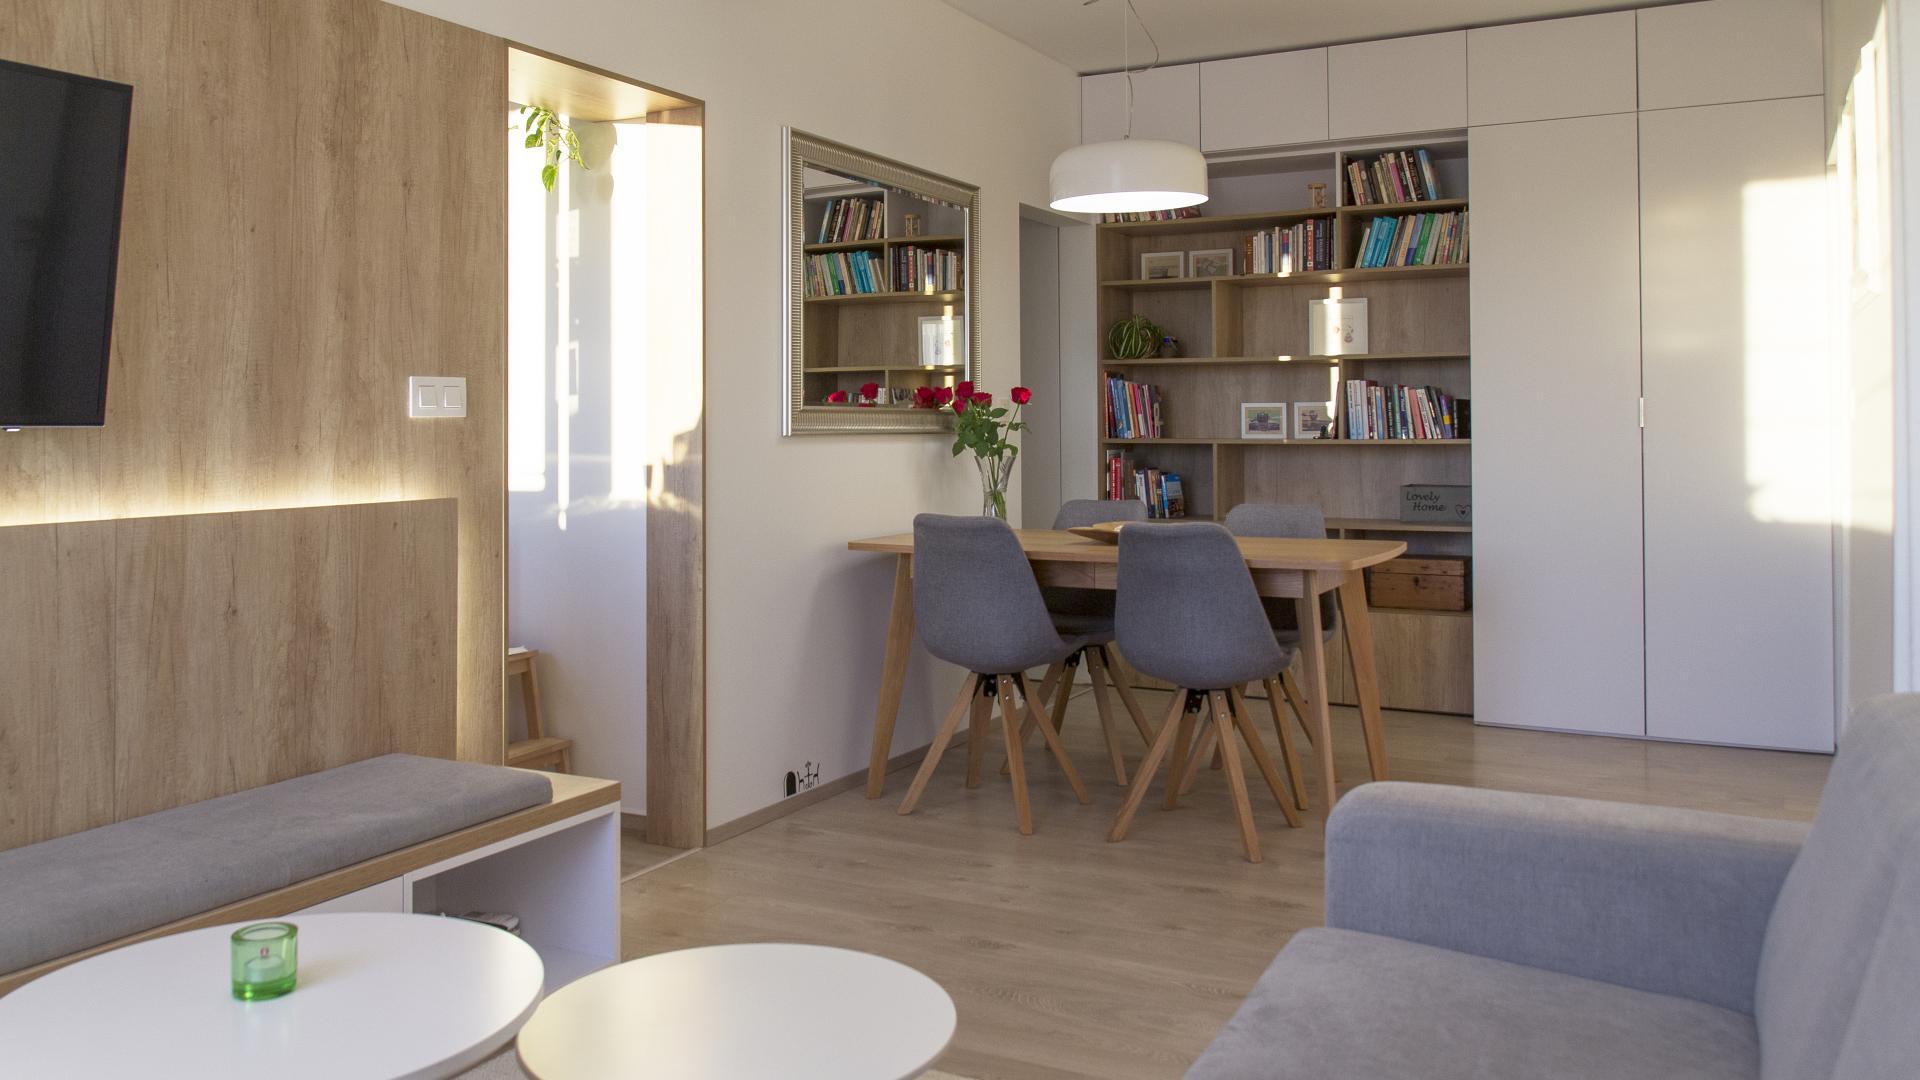 Ružinov - rekonštrukcia 3 - izbového bytu